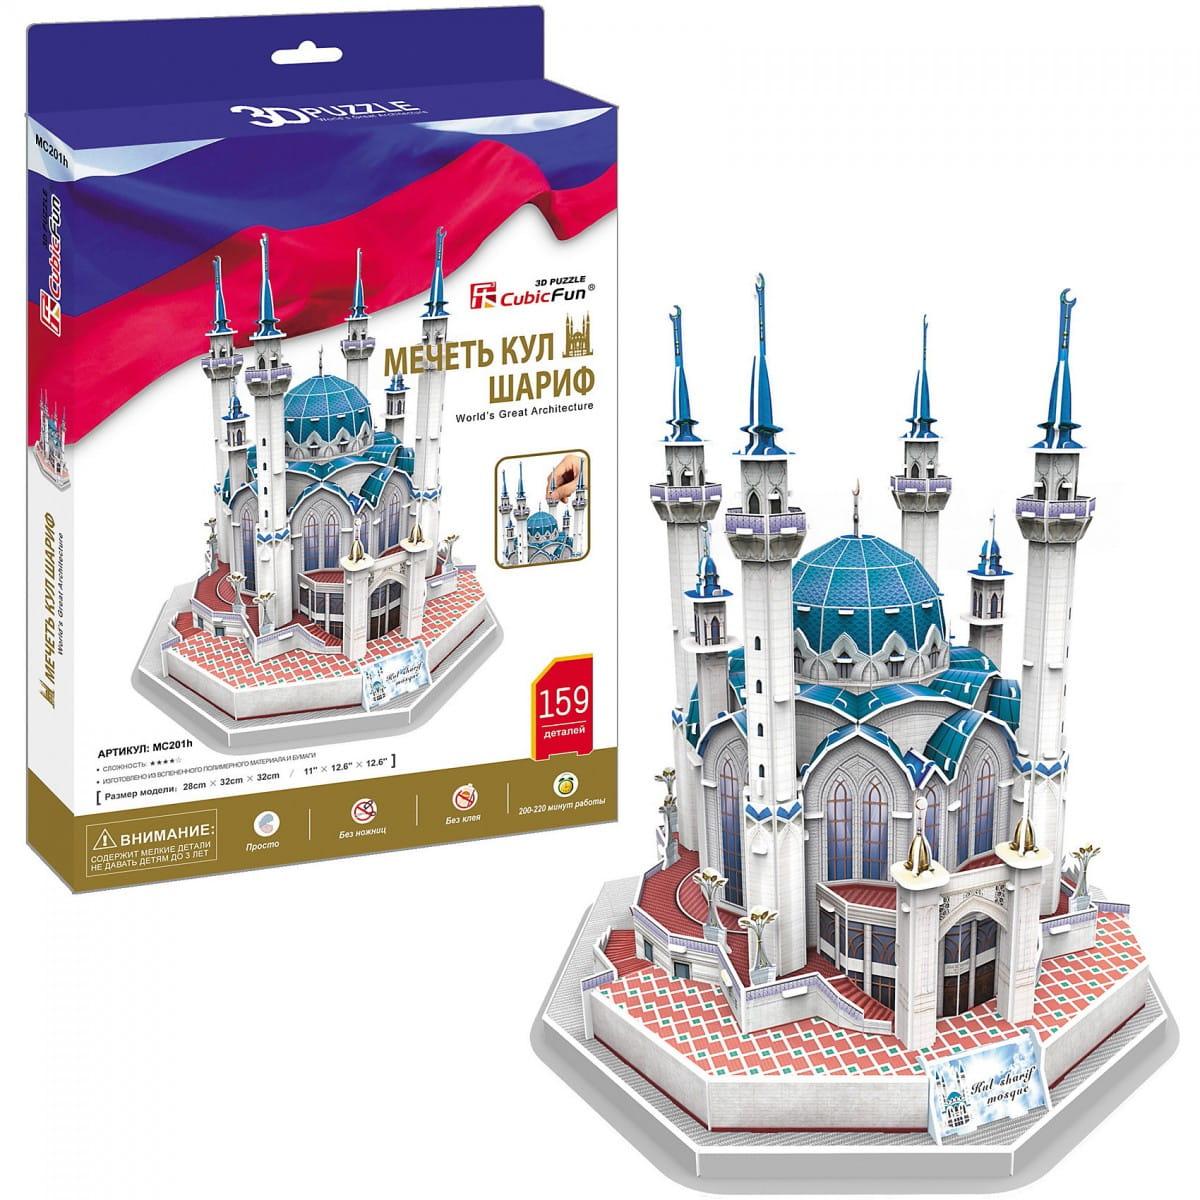 Объемный 3D пазл CubicFun MC201h Мечеть Кул Шариф (Россия)